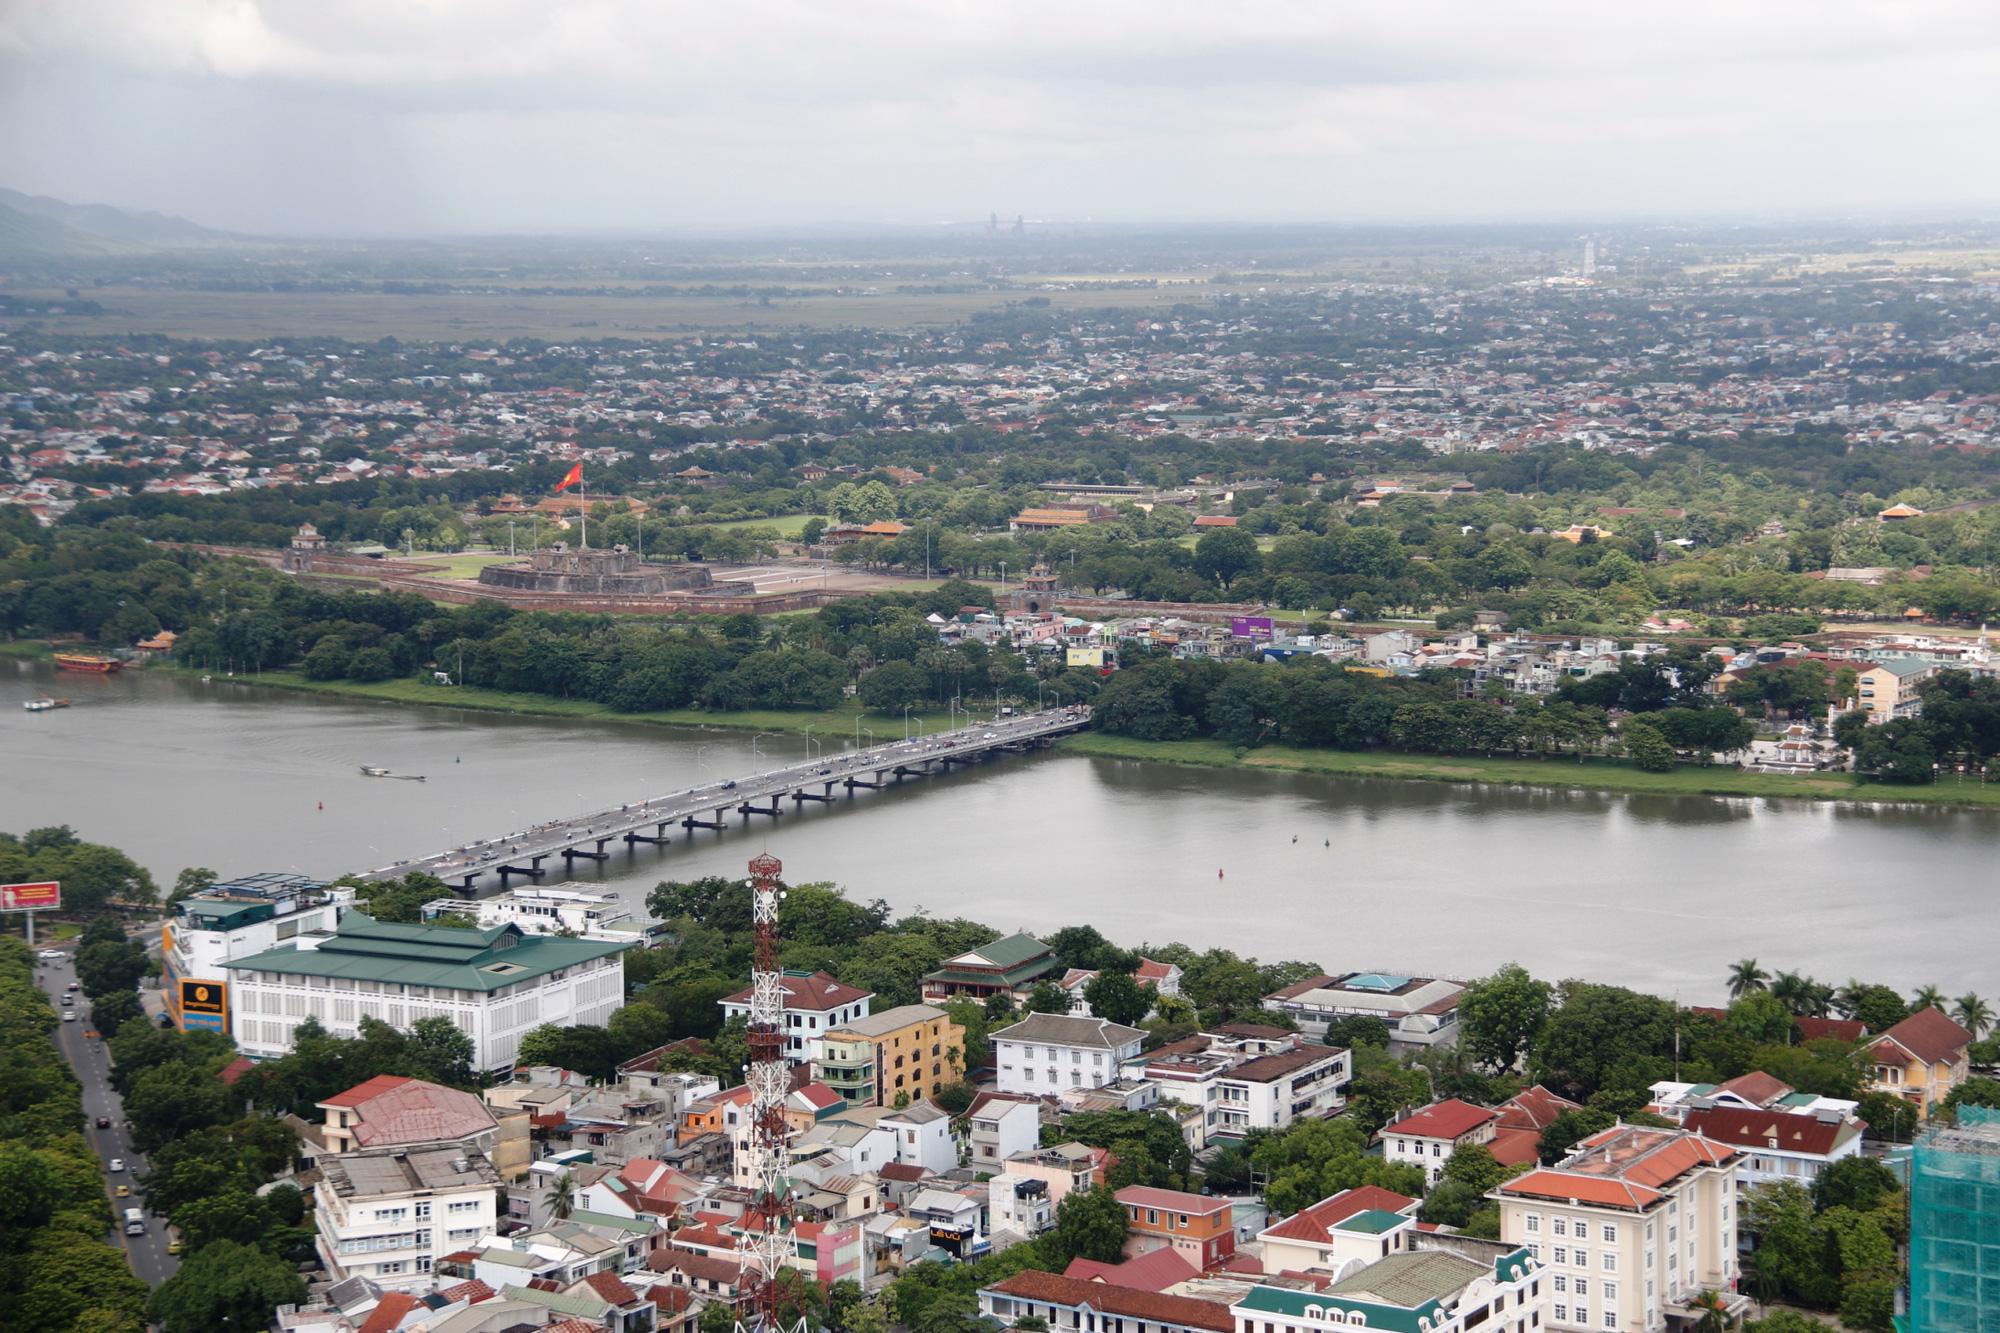 Năm 2025 Thừa Thiên Huế sẽ là thành phố trực thuộc Trung ương